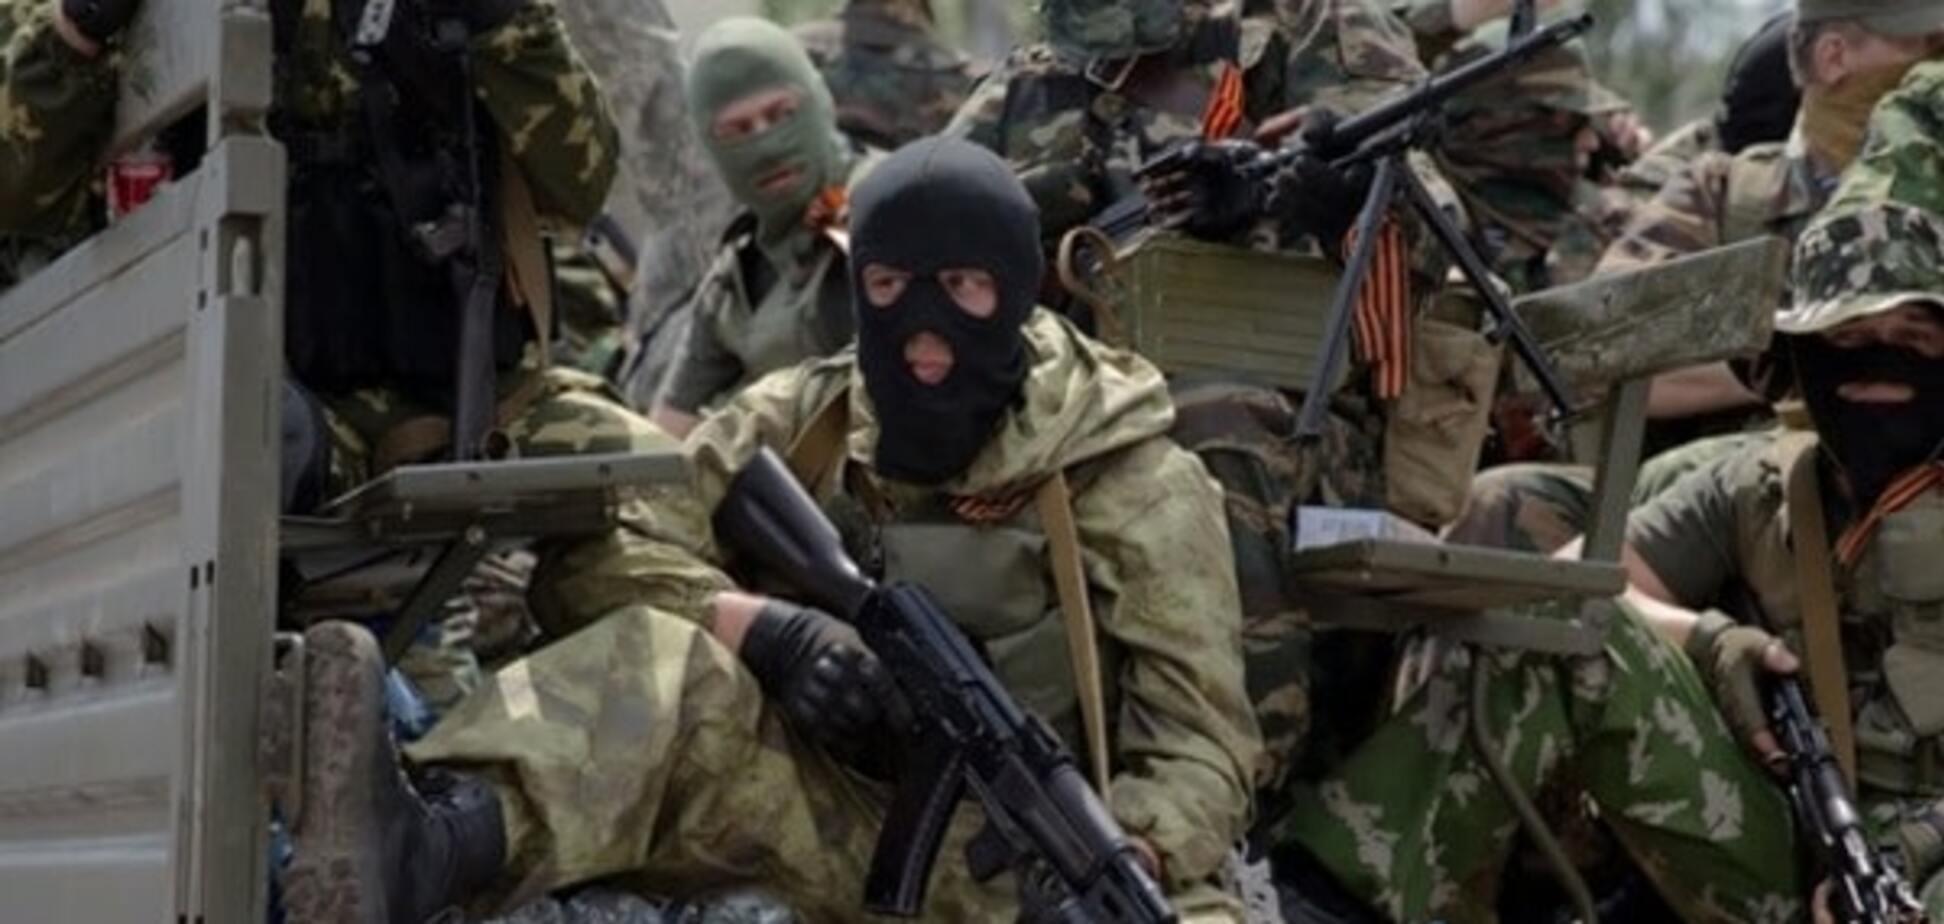 Зараз вони нічого не можуть: генерал Романенко пояснив, на що чекають терористи